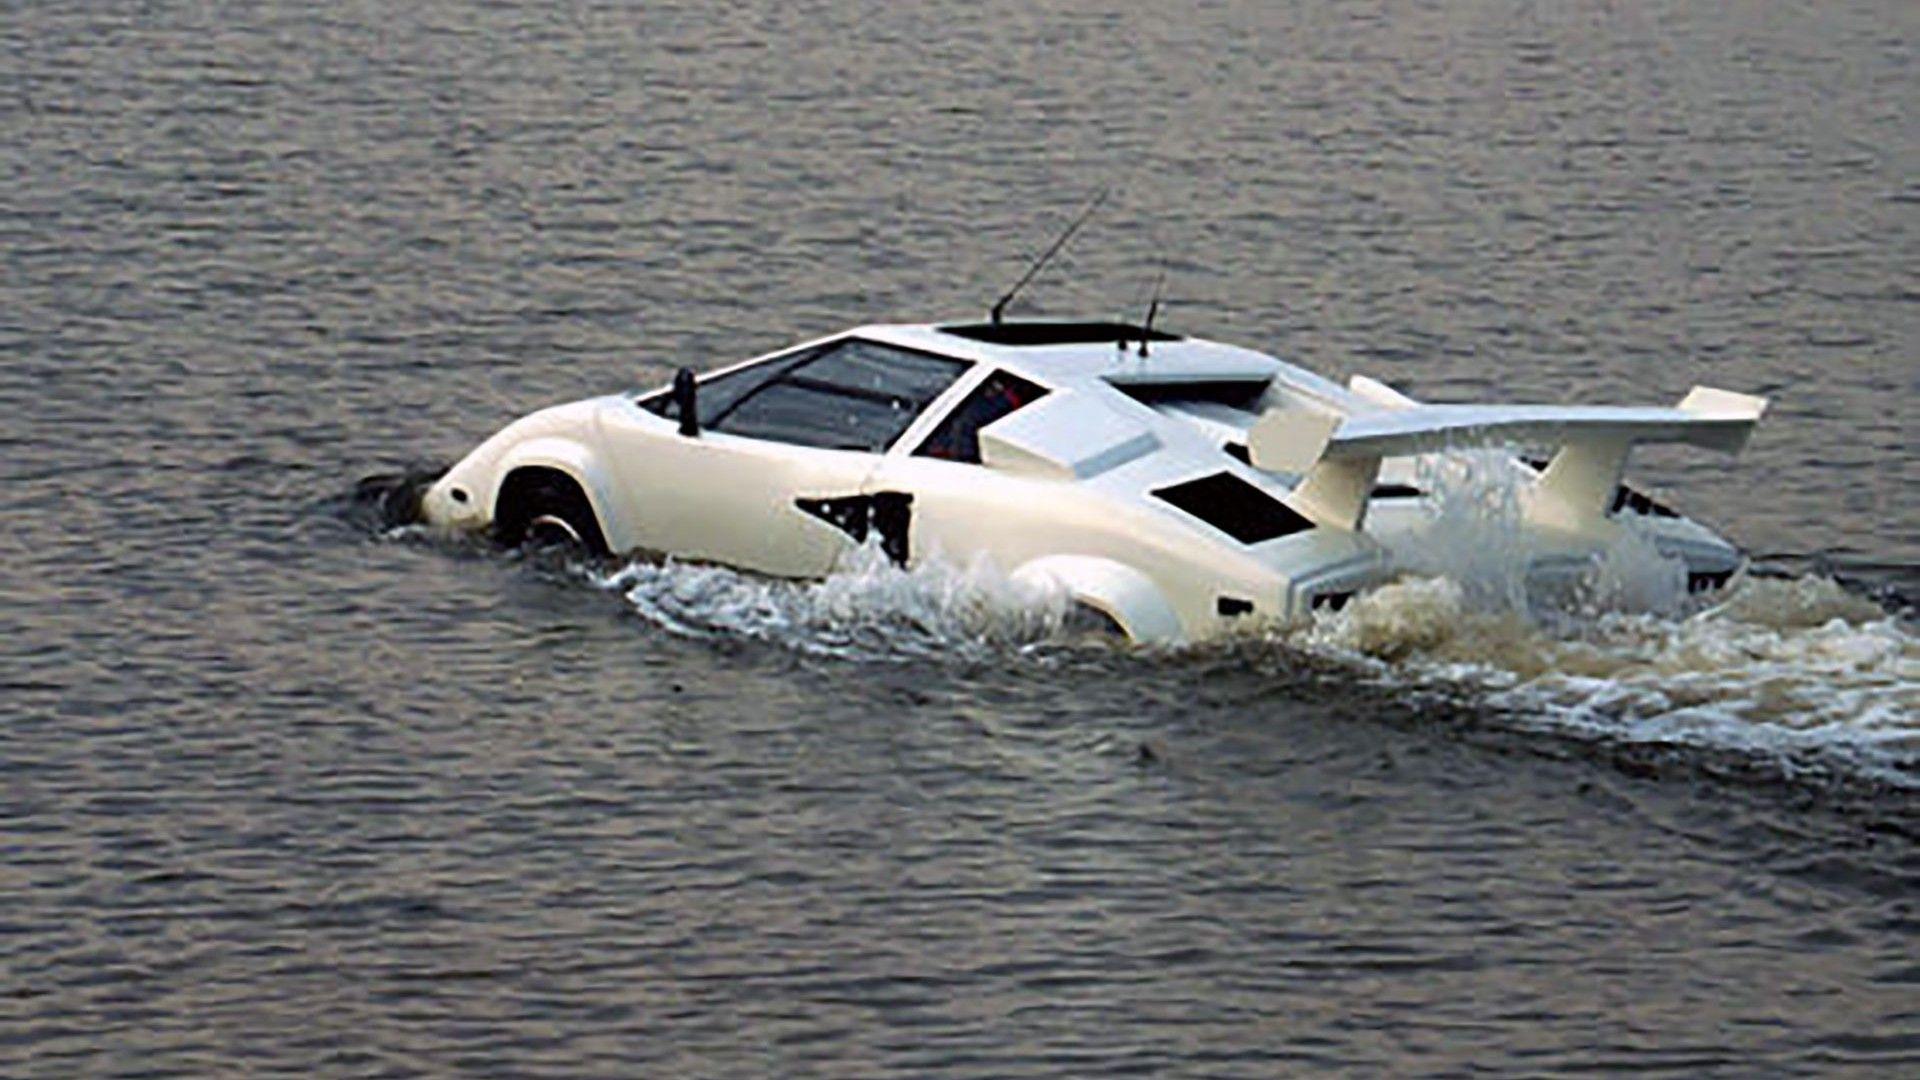 Lamborghini Countach Vendita Lamborghini Models